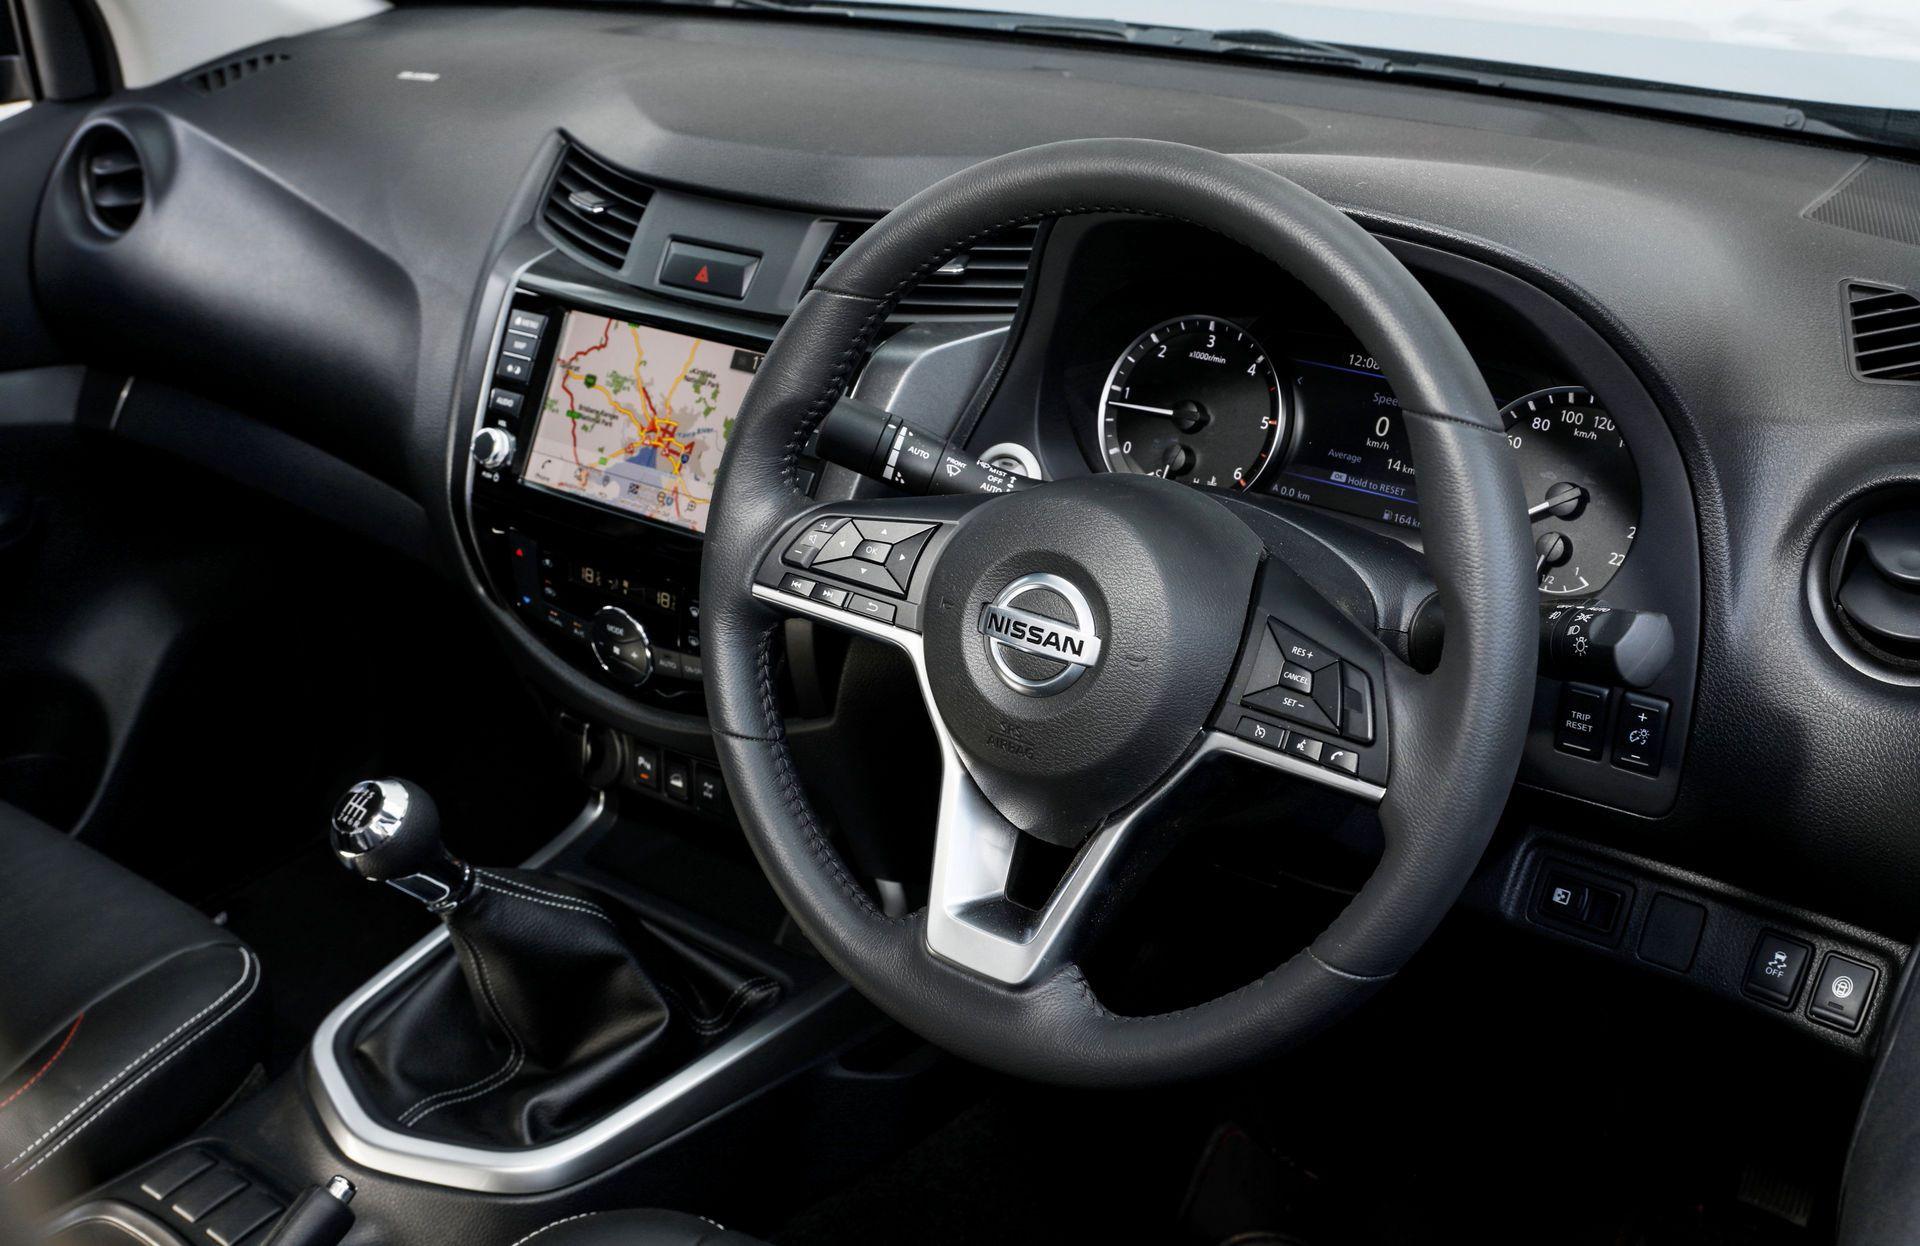 Nissan-Navara-2021-19-3